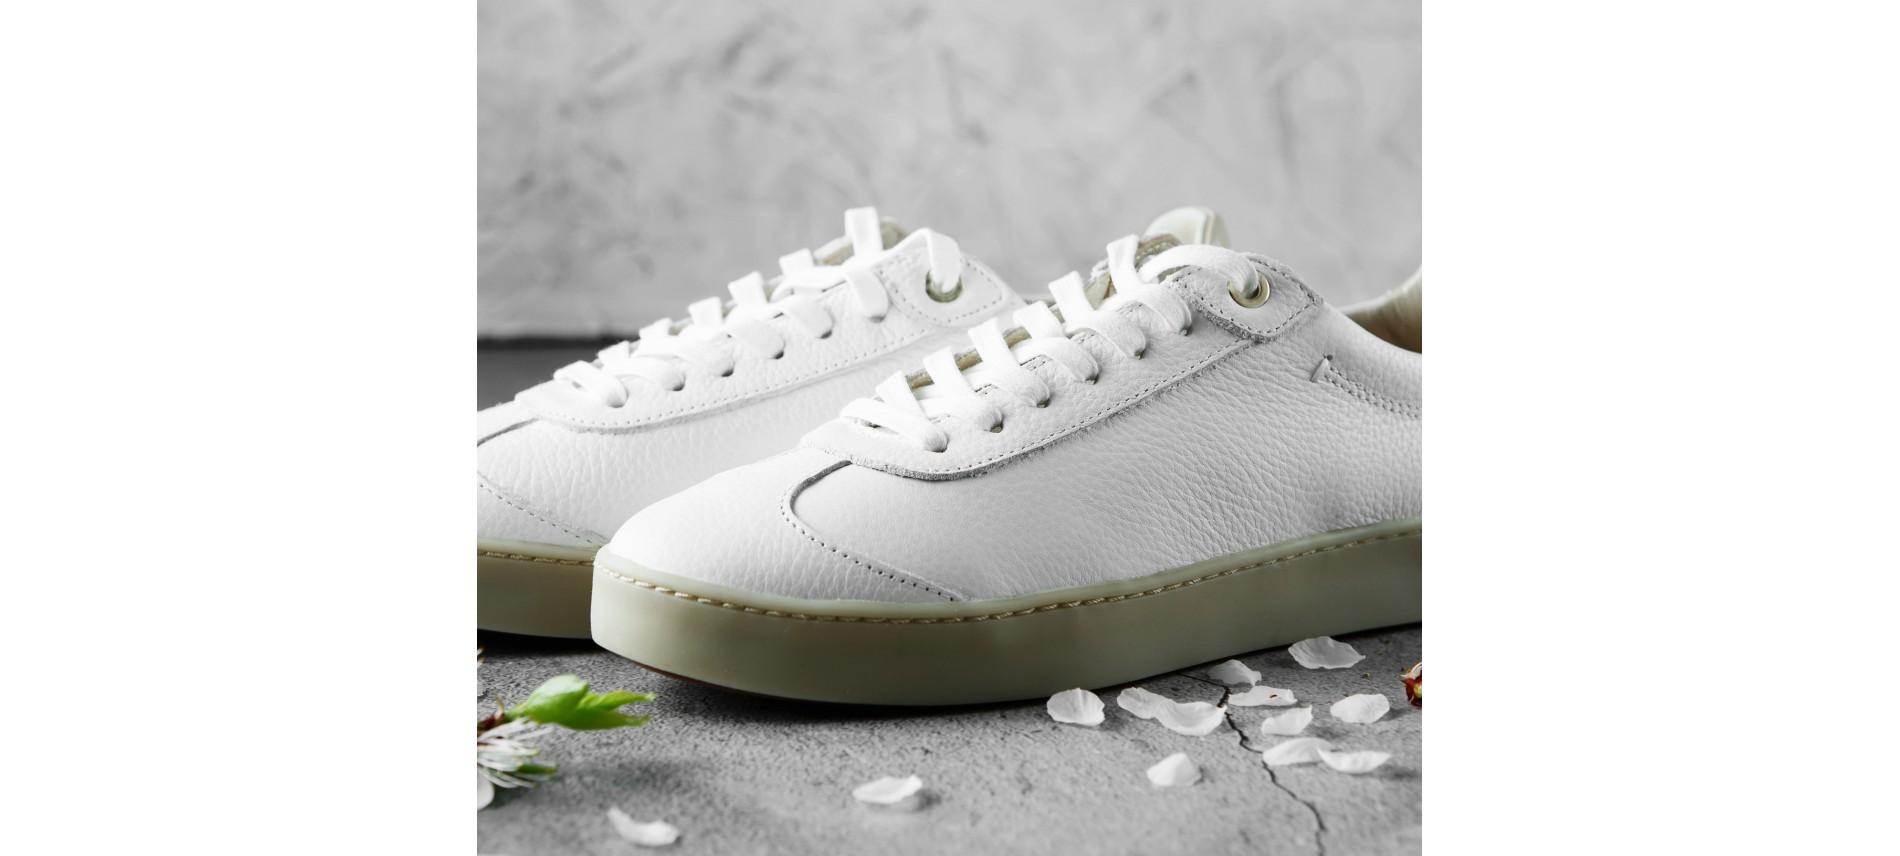 Comprar Cordones para zapatos, zapatillas y botas | Cord-On Shop